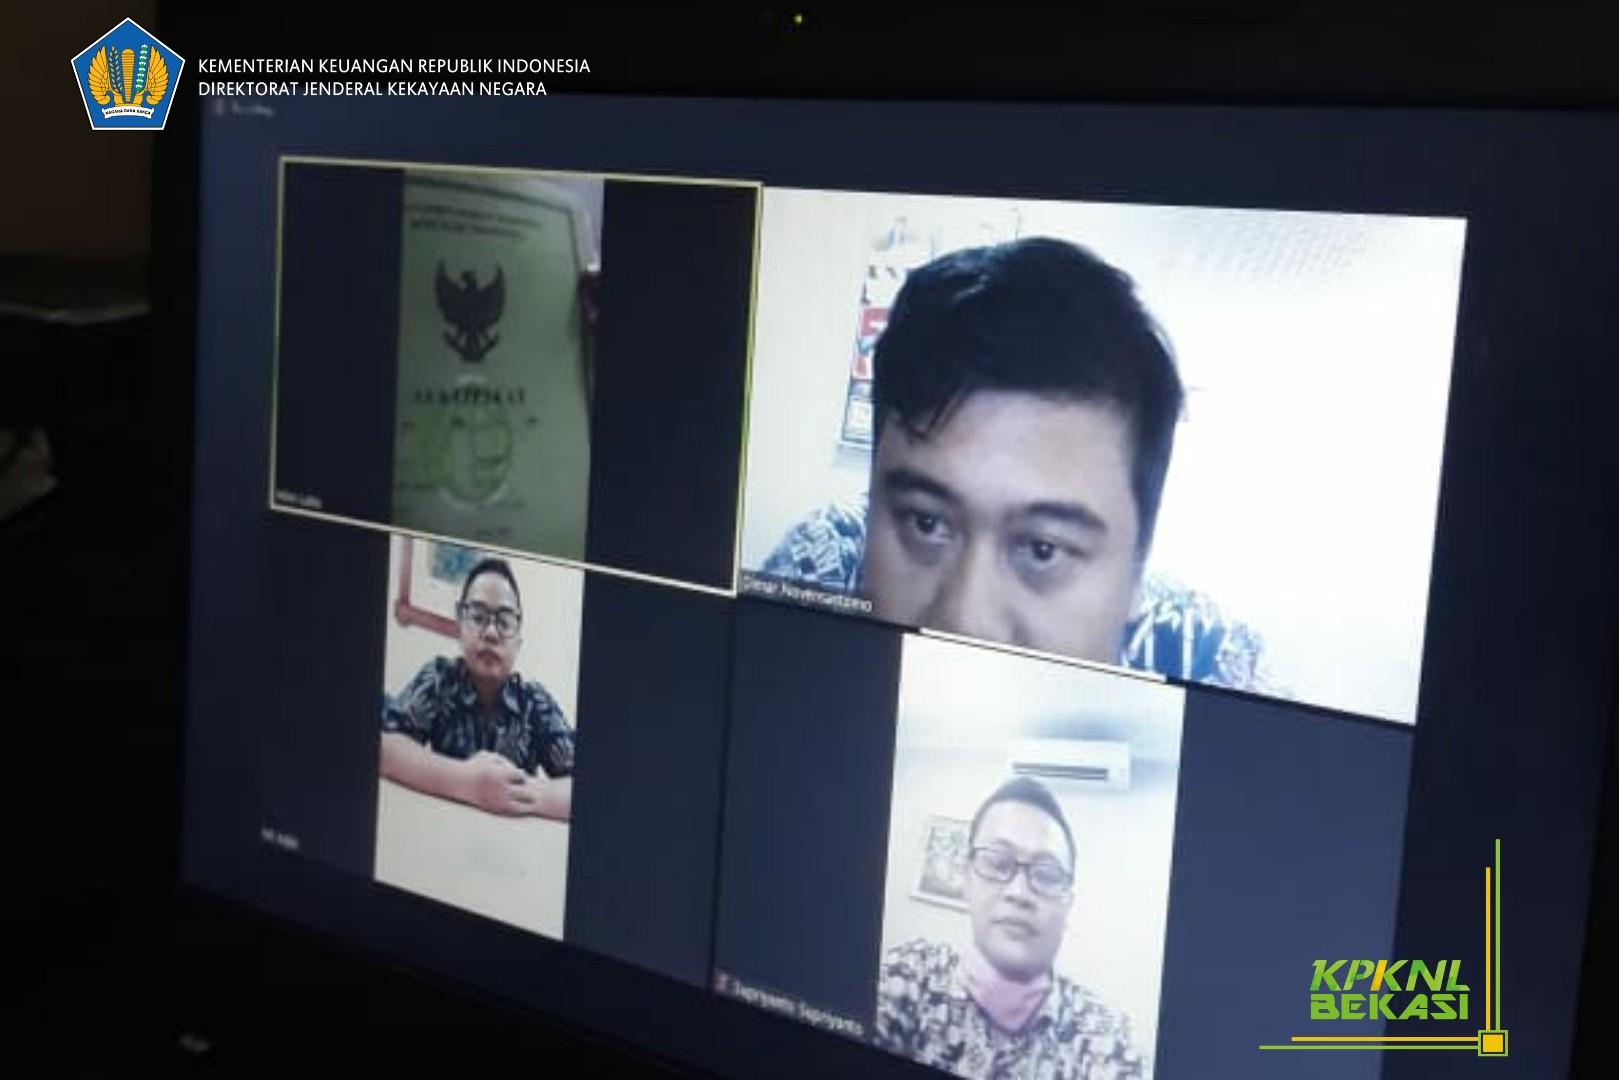 Social Distancing, Layanan Lelang KPKNL Bekasi melalui Video Conference